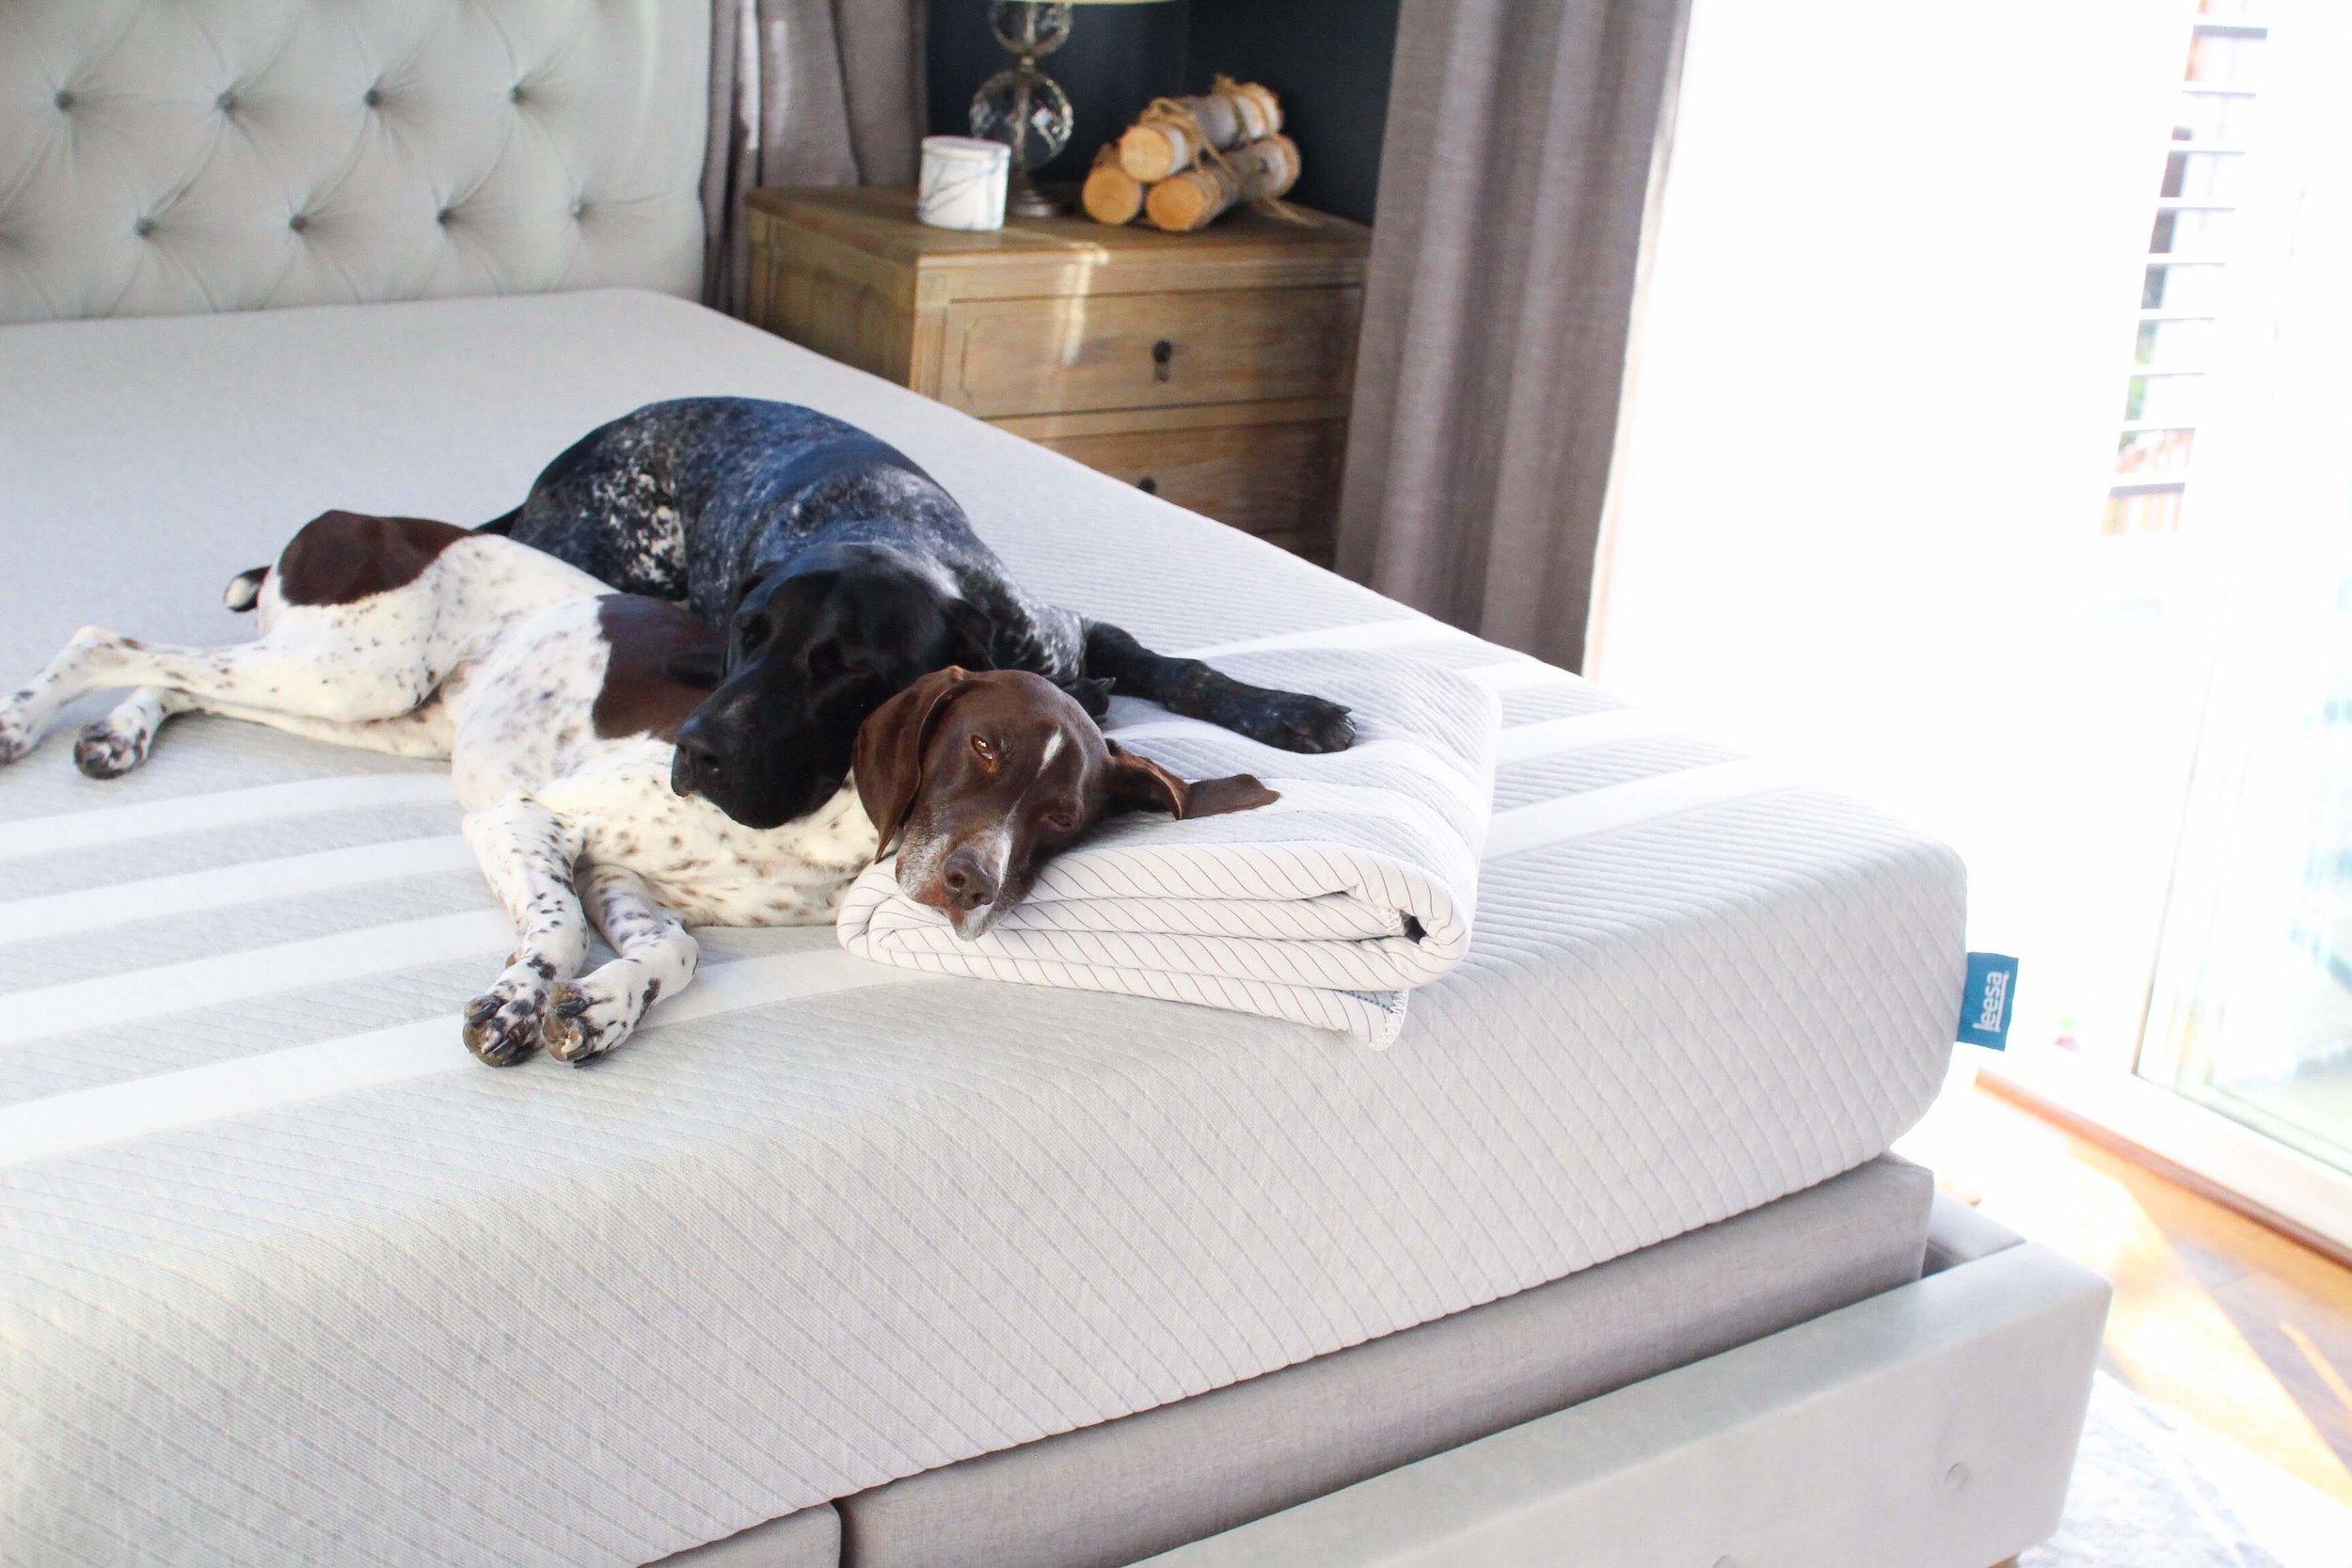 leesa-foam-mattress-bed-review